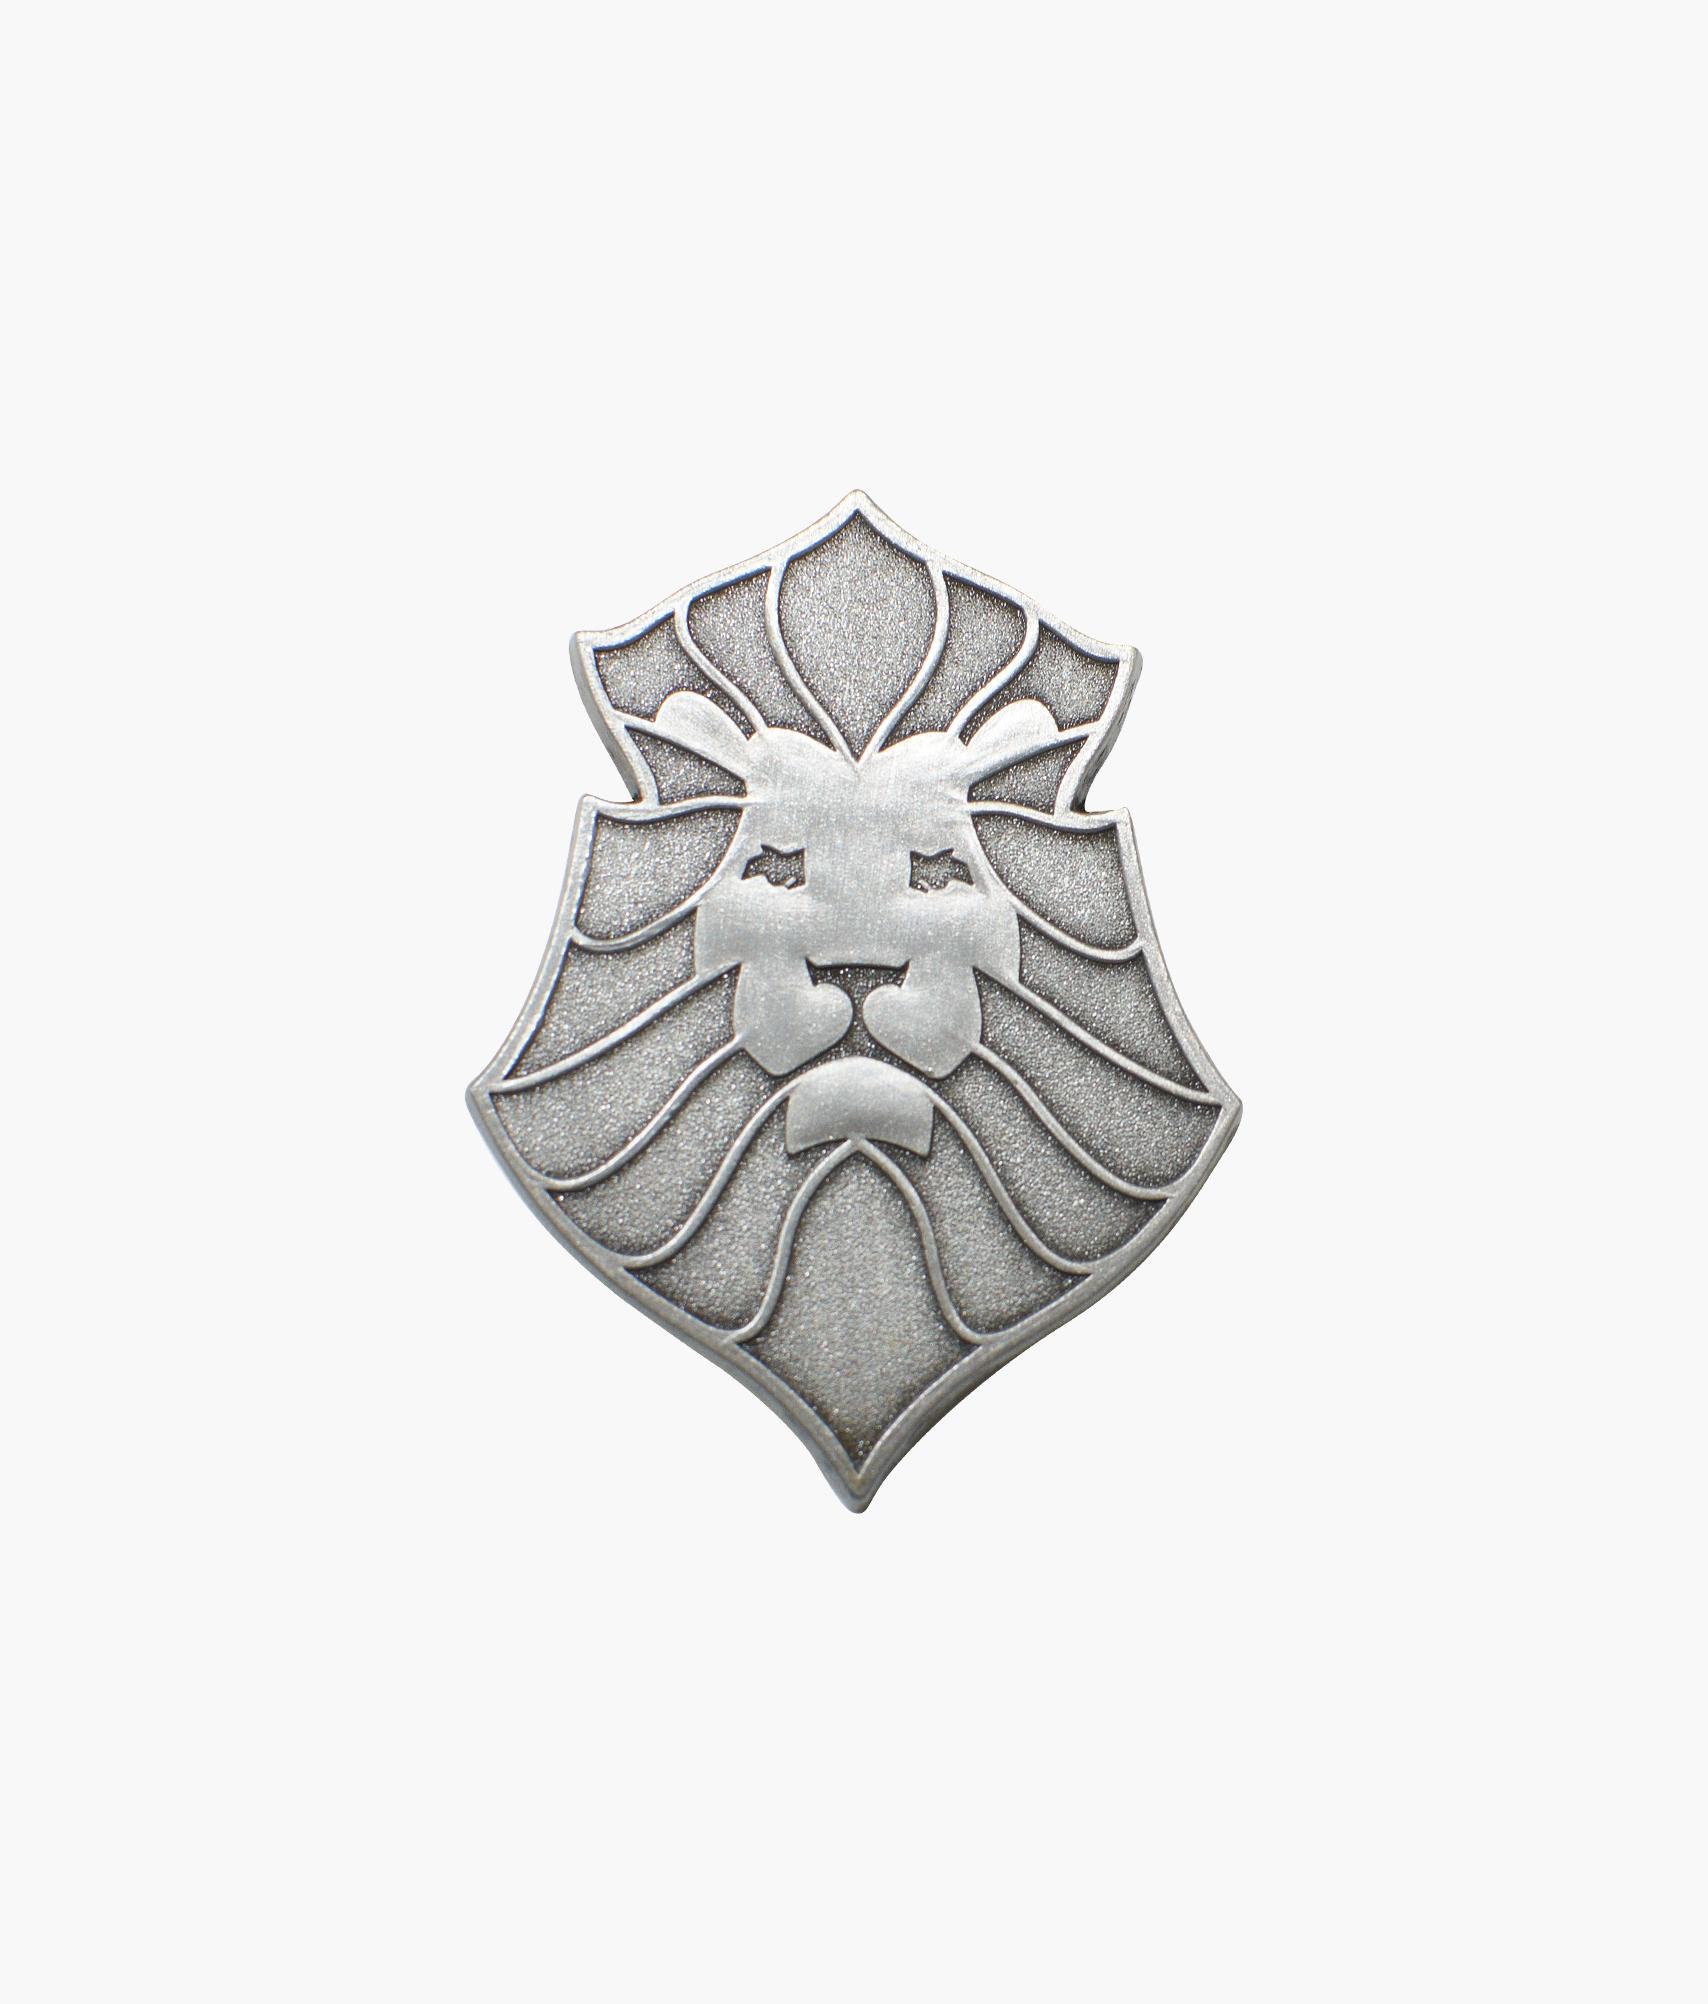 Значок «Лев» Зенит сувенир ohmypeter значок деревянный цветной peter hi в блистере omp40081